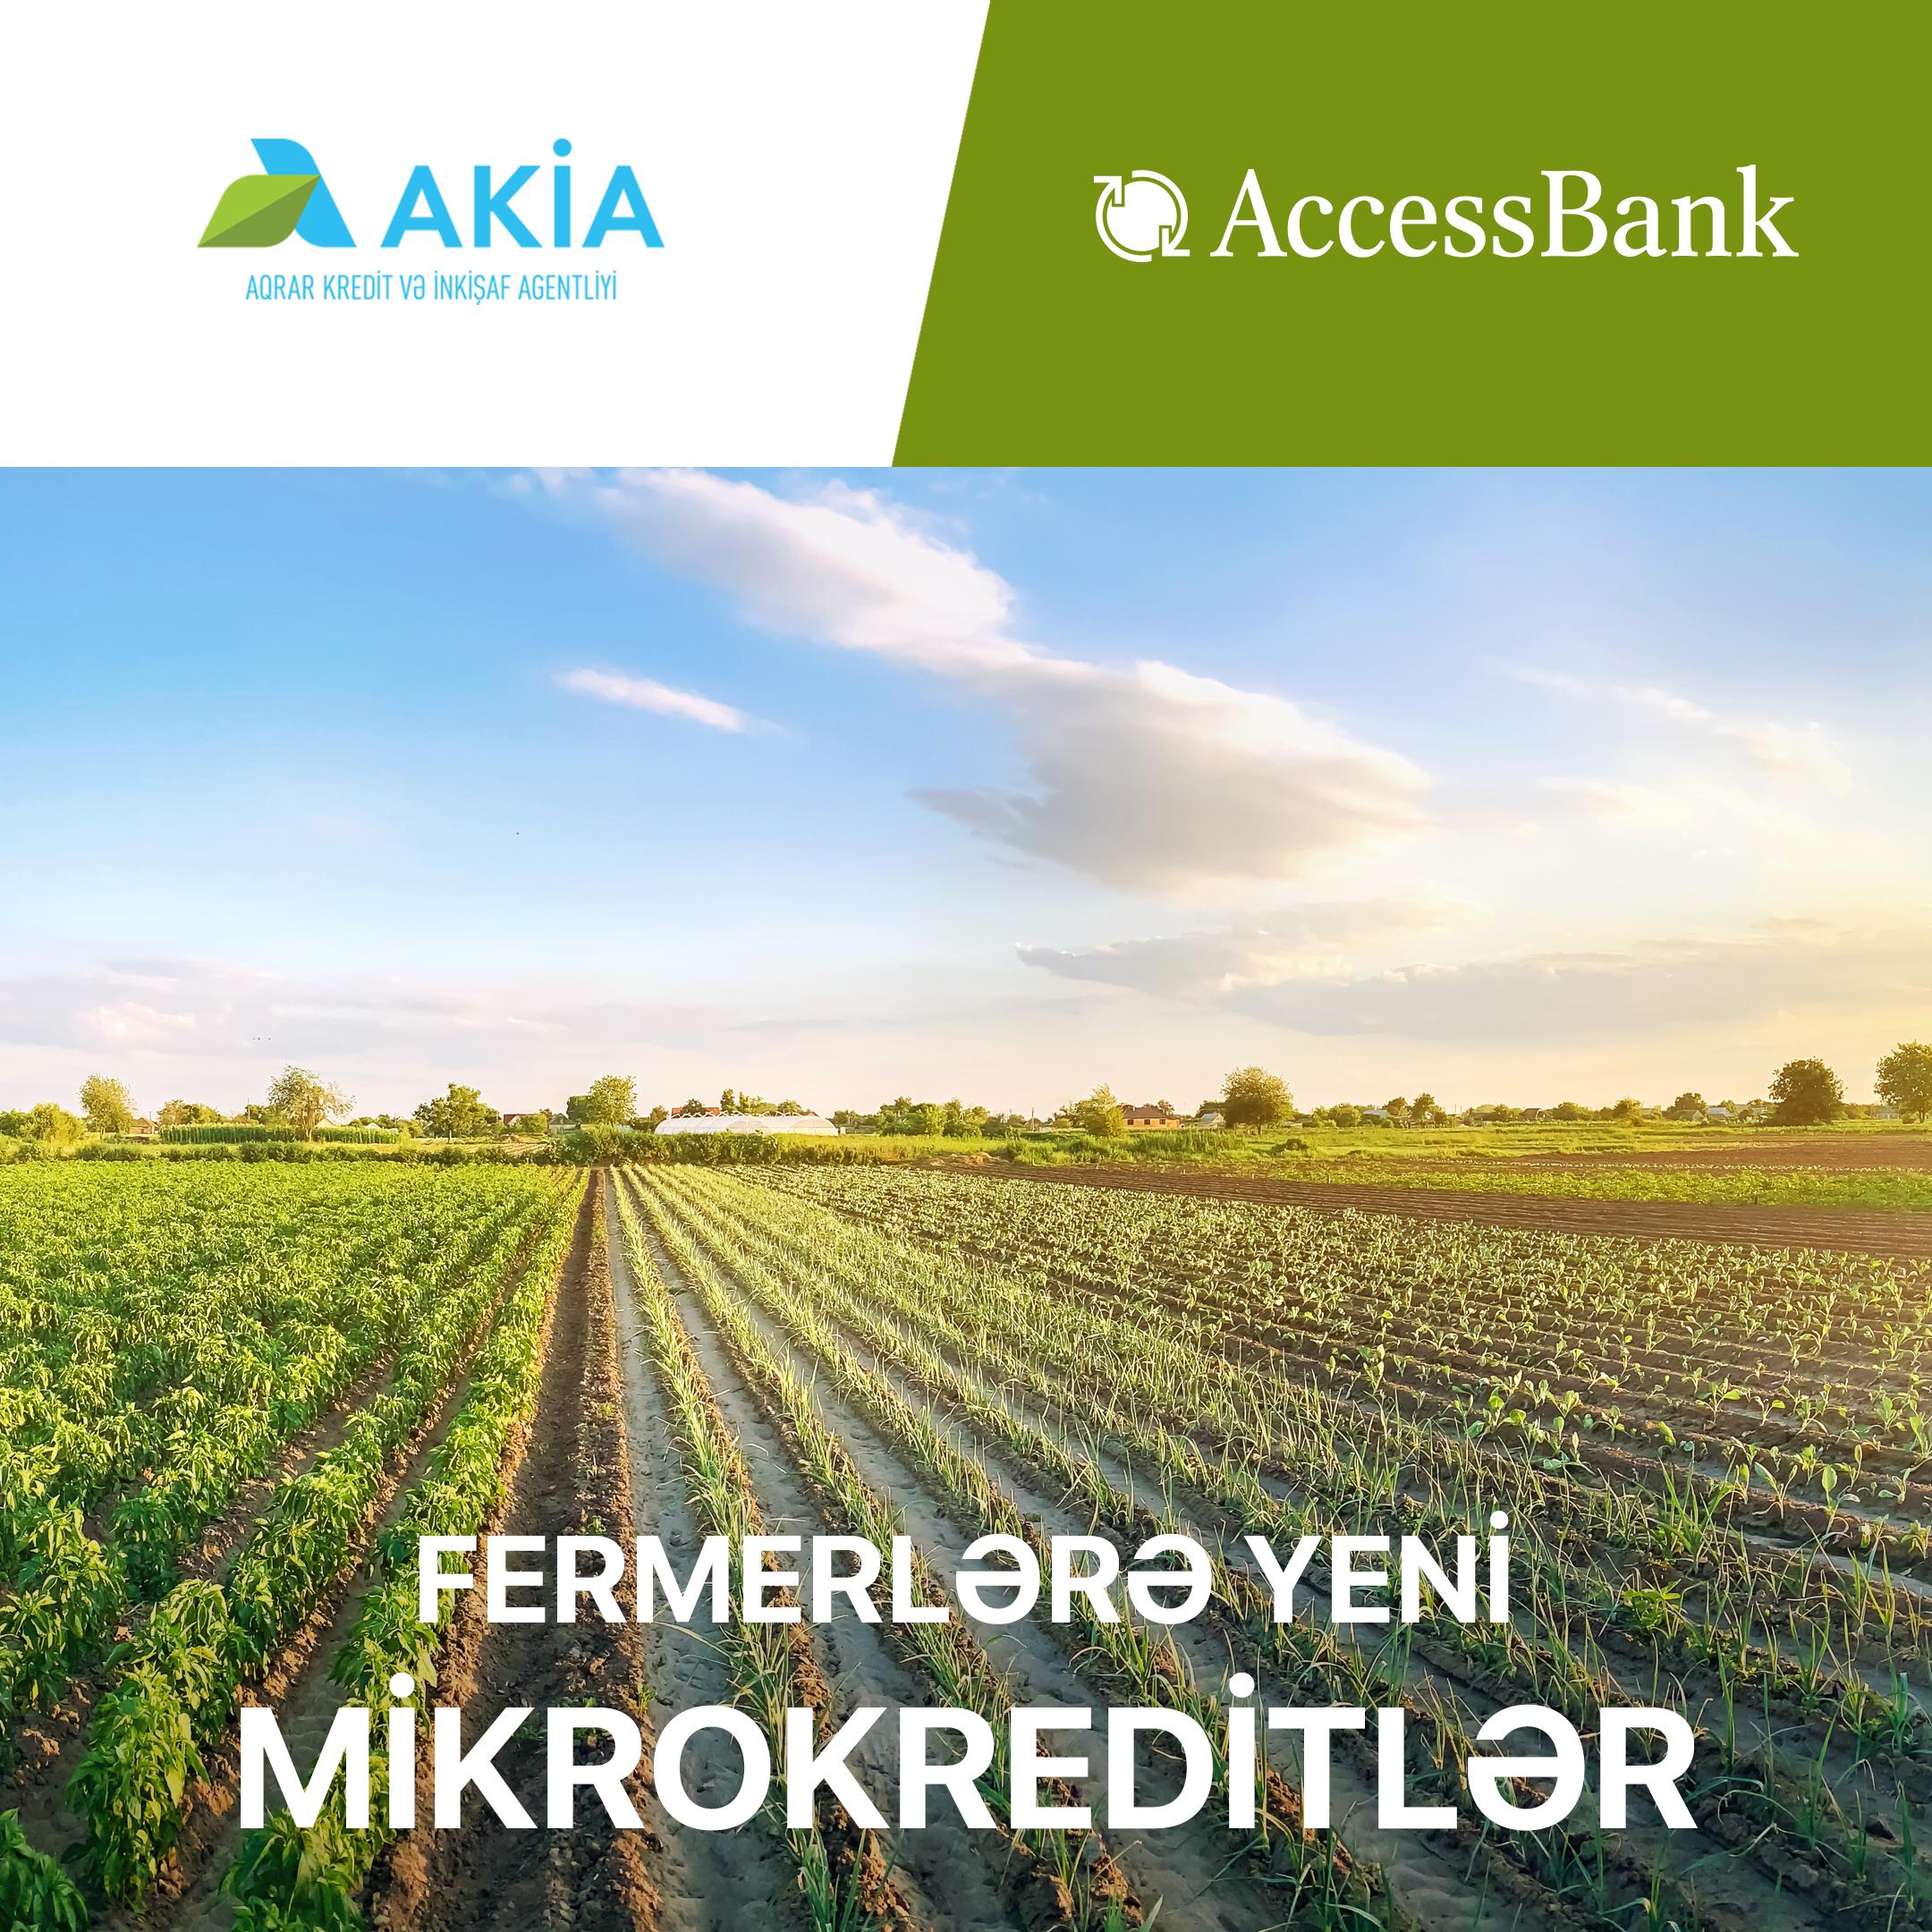 AccessBank предлагает фермерам новые микрокредиты